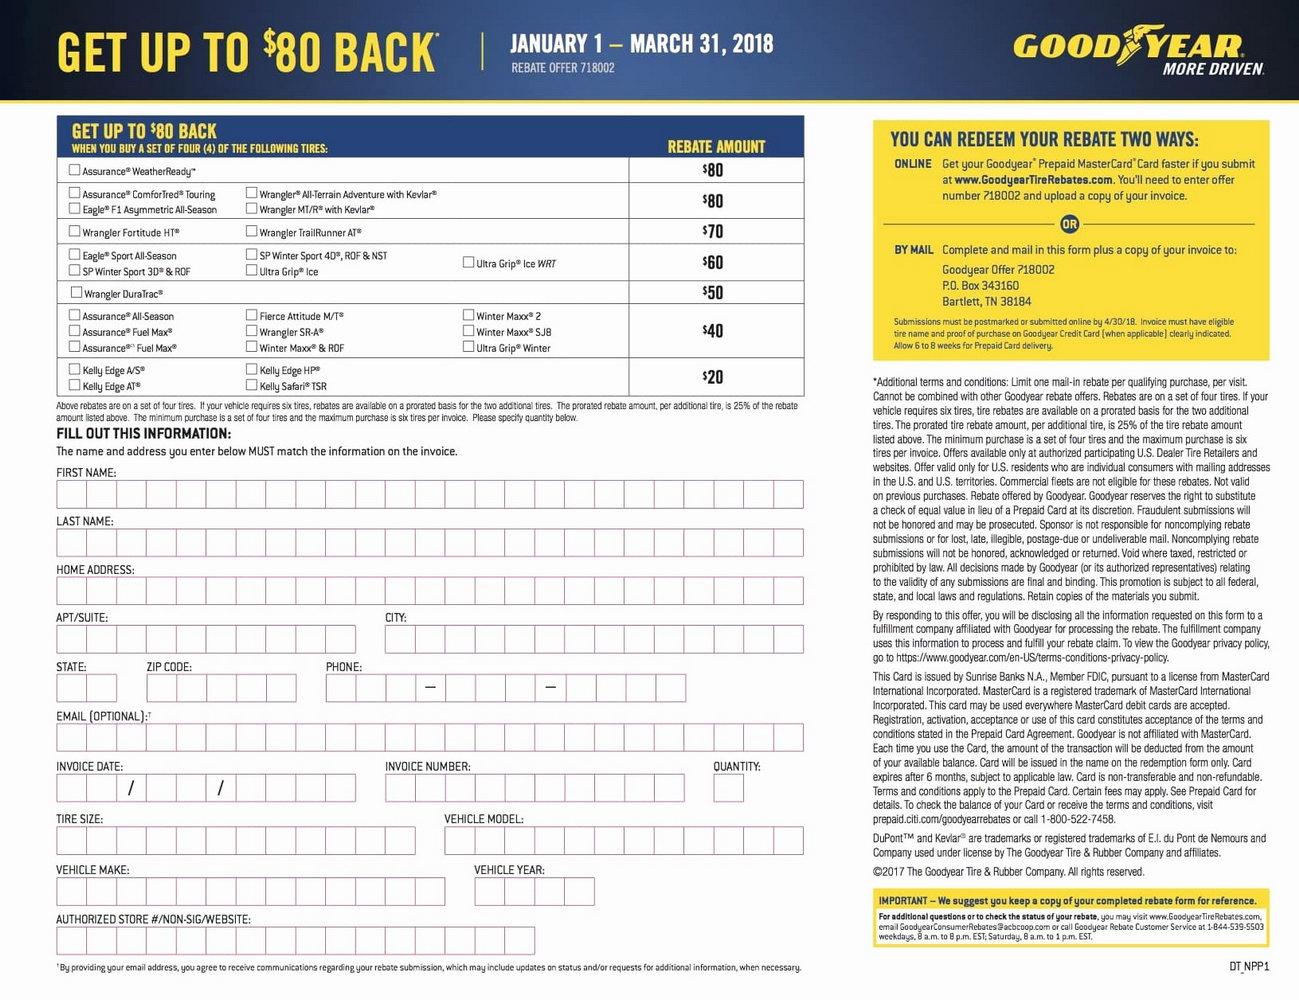 Goodyear Rebate Form June 2017